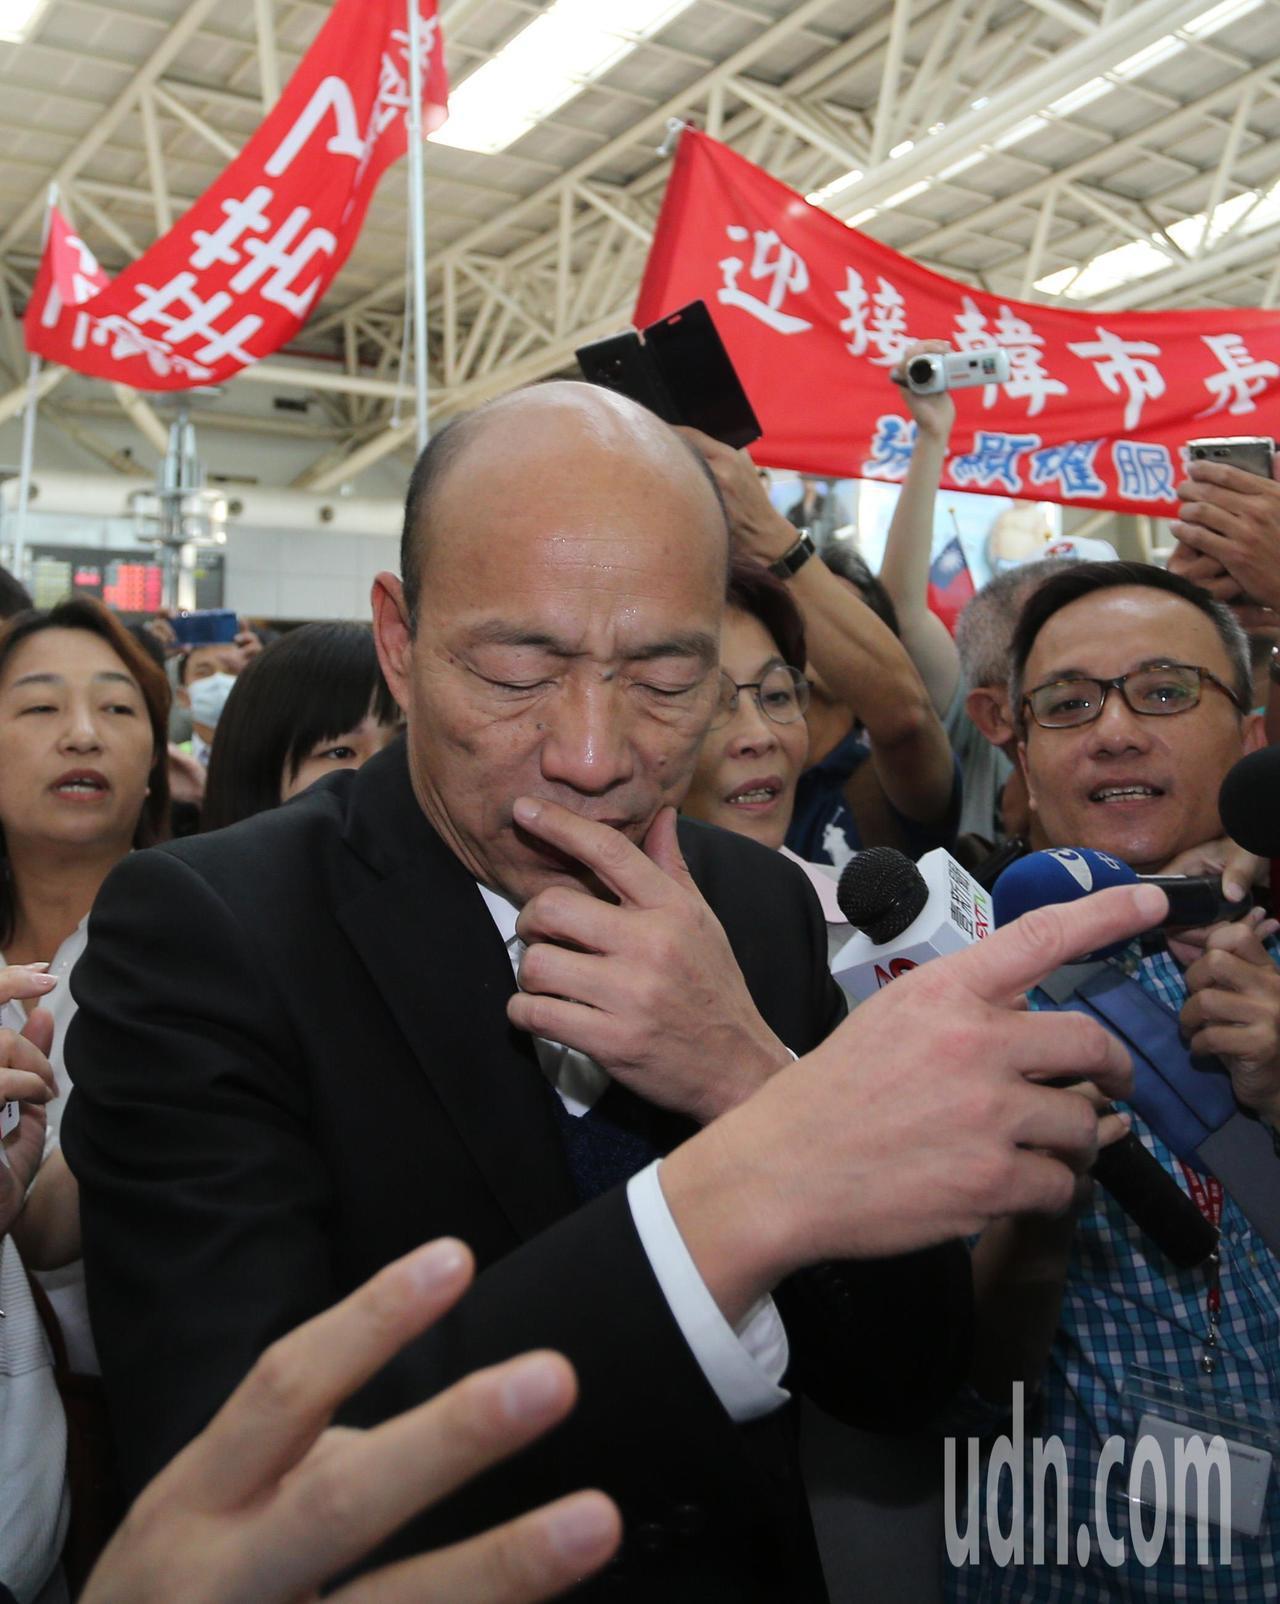 高雄市長韓國瑜今天上午從美國返國後,立即搭高鐵回高雄市府上班,韓國瑜經過長途旅行...